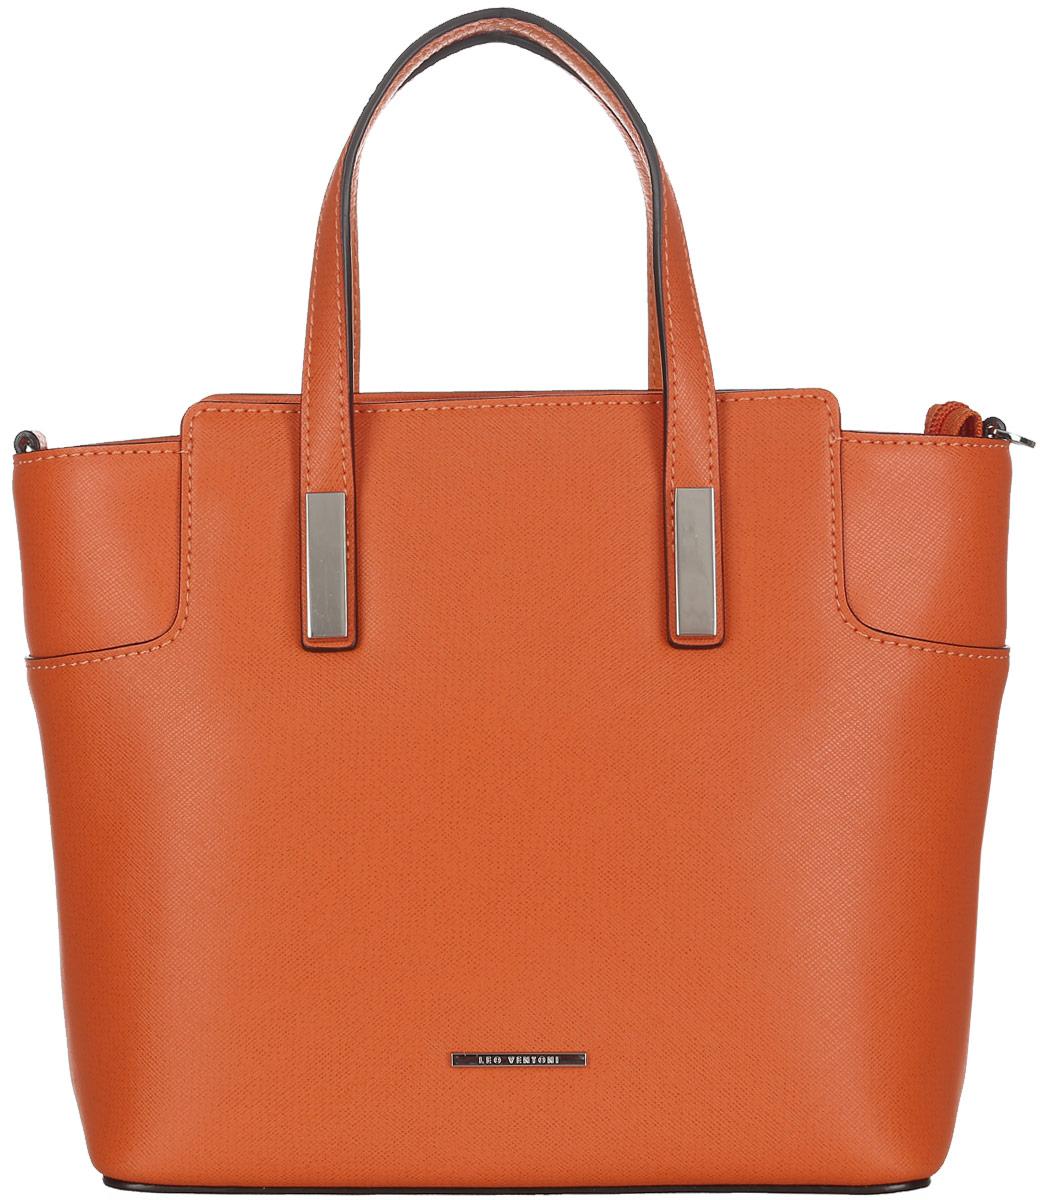 Сумка женская Leo Ventoni, цвет: оранжевый. 2300440823004408-orangeСтильная женская сумка Leo Ventoni выполнена из натуральной кожи с фактурным тиснением. Изделие содержит одно вместительное отделение, которое закрывается на застежку-молнию. Внутри расположено два накладных кармашка для мелочей, карман-средник на застежке-молнии и врезной карман на молнии. Снаружи, на задней стороне сумки, расположен врезной карман на застежке-молнии. Сумка оснащена удобными ручками и съемным плечевым ремнем. Оригинальный аксессуар позволит вам завершить образ и быть неотразимой.